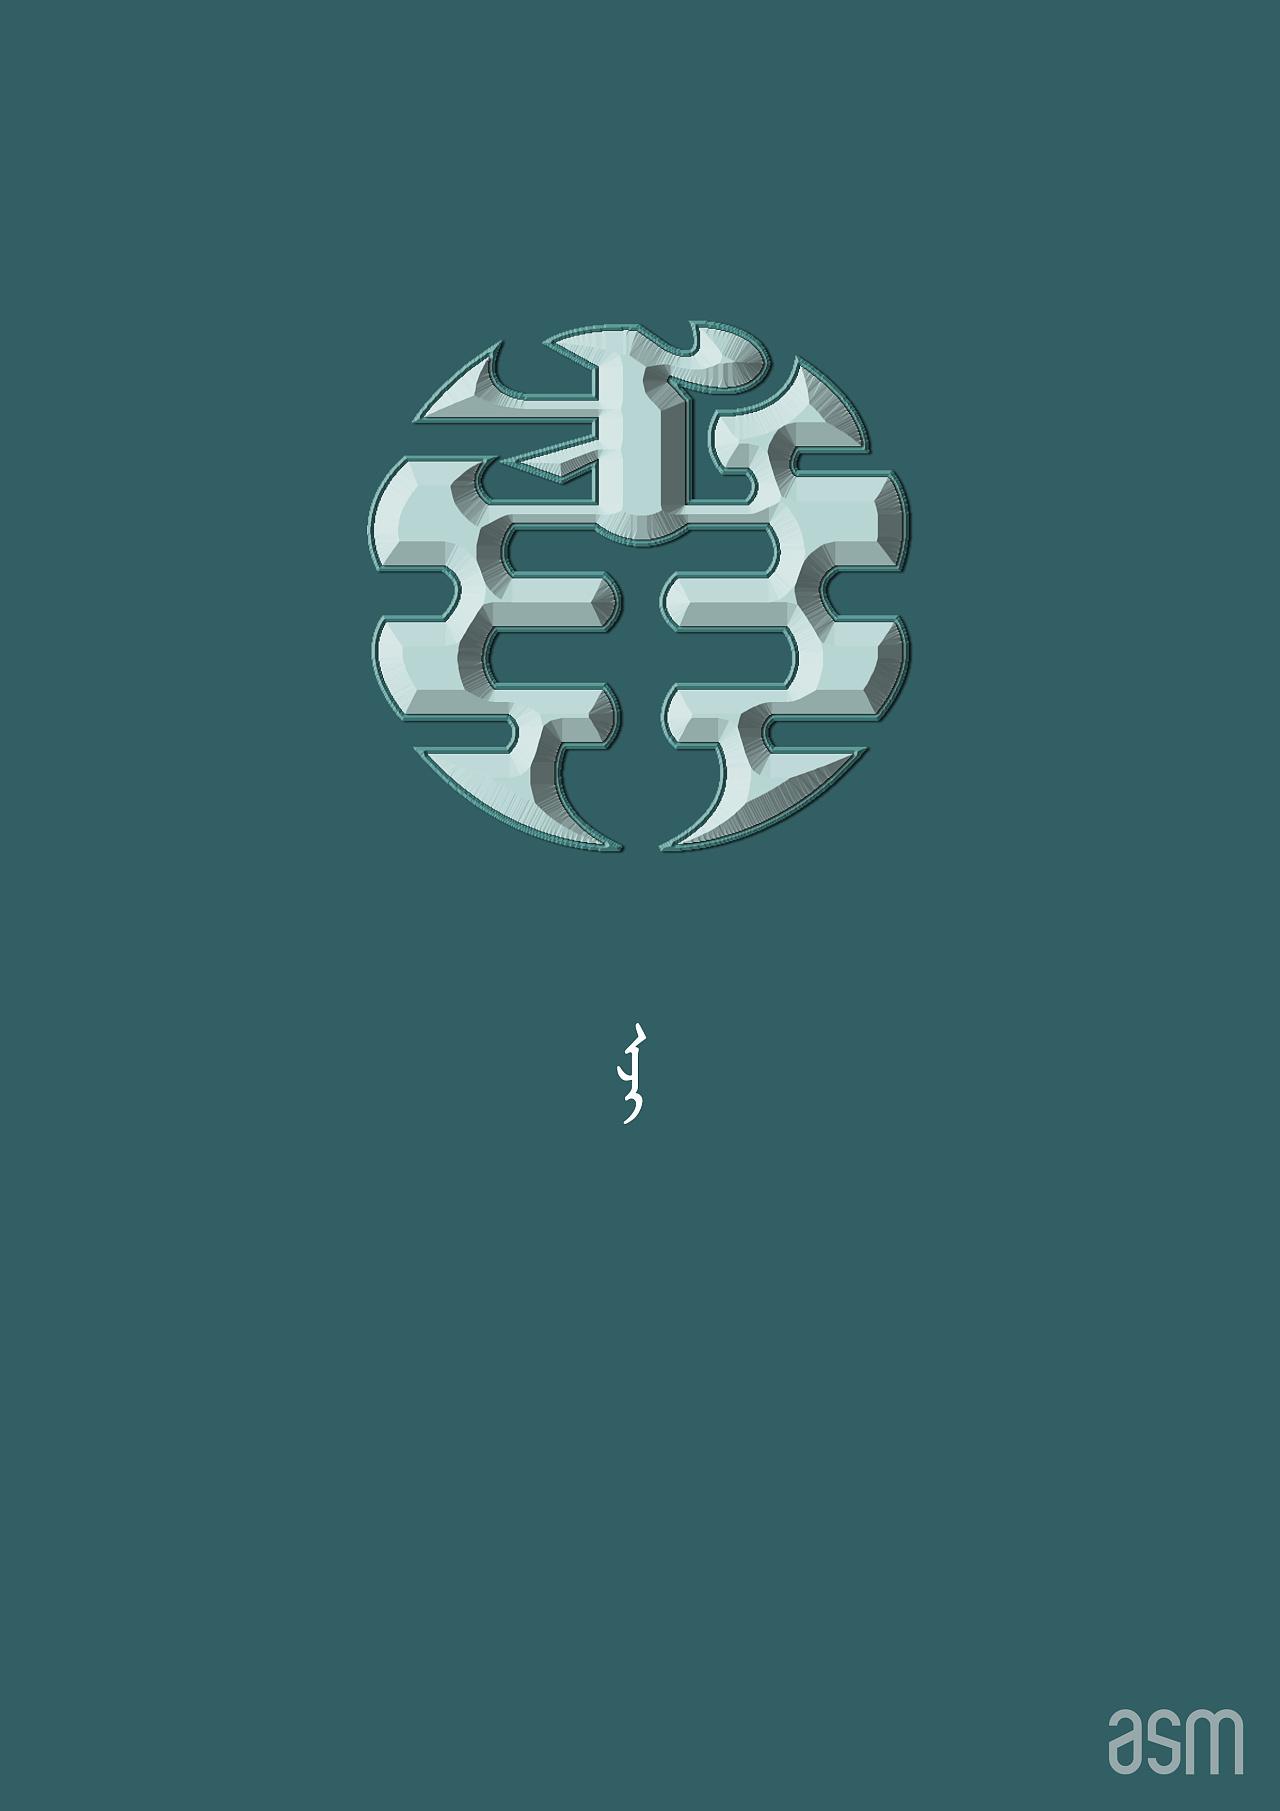 蒙古艺术文字4 -阿斯玛设计 第4张 蒙古艺术文字4 -阿斯玛设计 蒙古设计